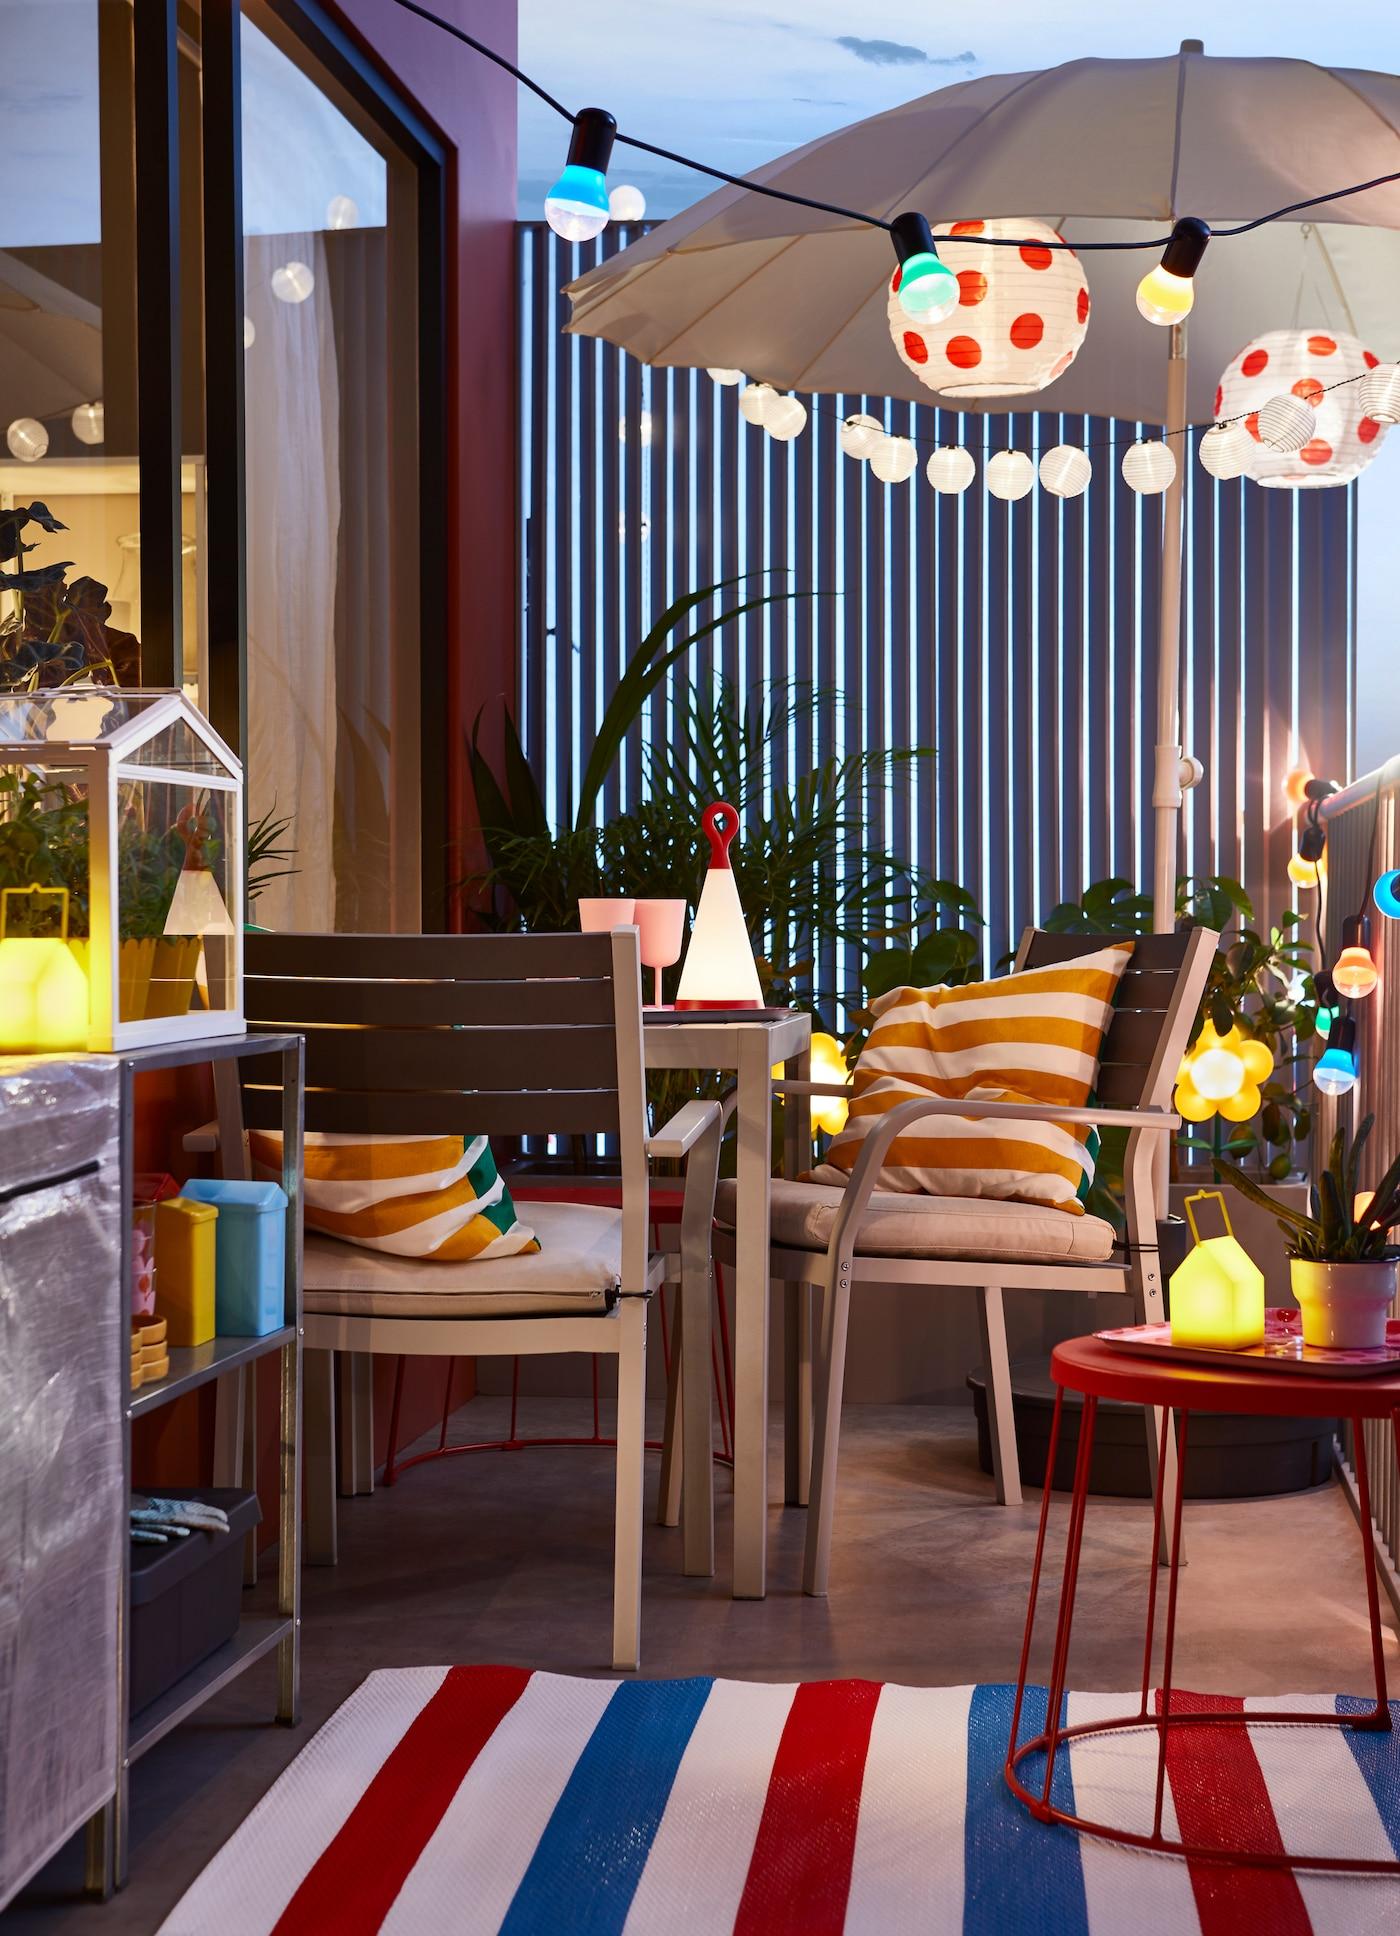 Un Balcón Personalidad Ikea Vibrante Una Para Colorido TJK1l3Fc